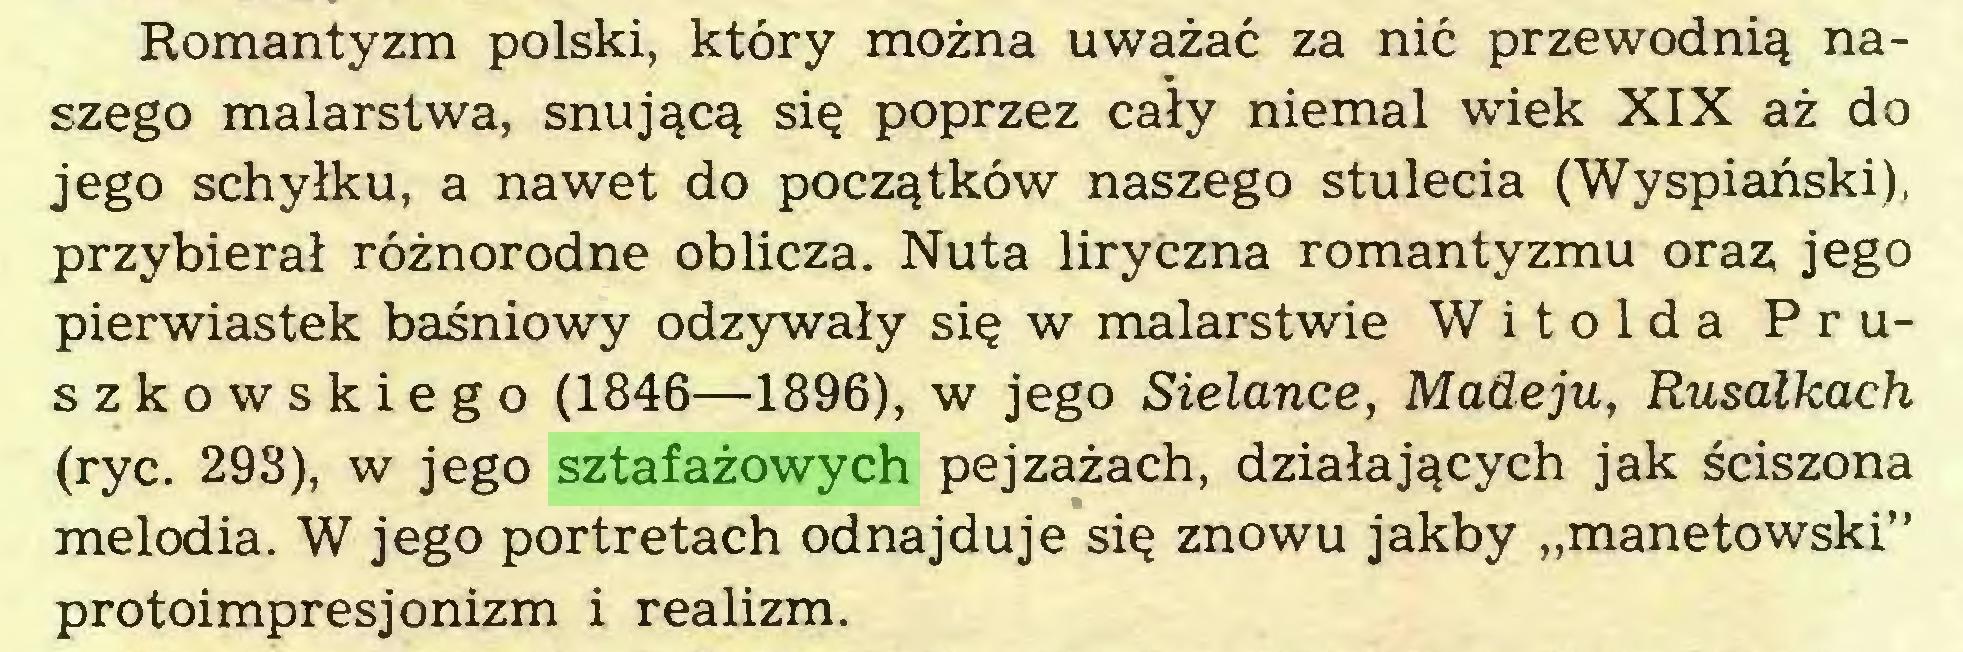 """(...) Romantyzm polski, który można uważać za nić przewodnią naszego malarstwa, snującą się poprzez cały niemal wiek XIX aż do jego schyłku, a nawet do początków naszego stulecia (Wyspiański), przybierał różnorodne oblicza. Nuta liryczna romantyzmu oraz jego pierwiastek baśniowy odzywały się w malarstwie Witolda Pruszkowskiego (1846—1896), w jego Sielance, Madeju, Rusałkach (ryc. 298), w jego sztafażowych pejzażach, działających jak ściszona melodia. W jego portretach odnajduje się znowu jakby """"manetowski"""" protoimpresjonizm i realizm..."""